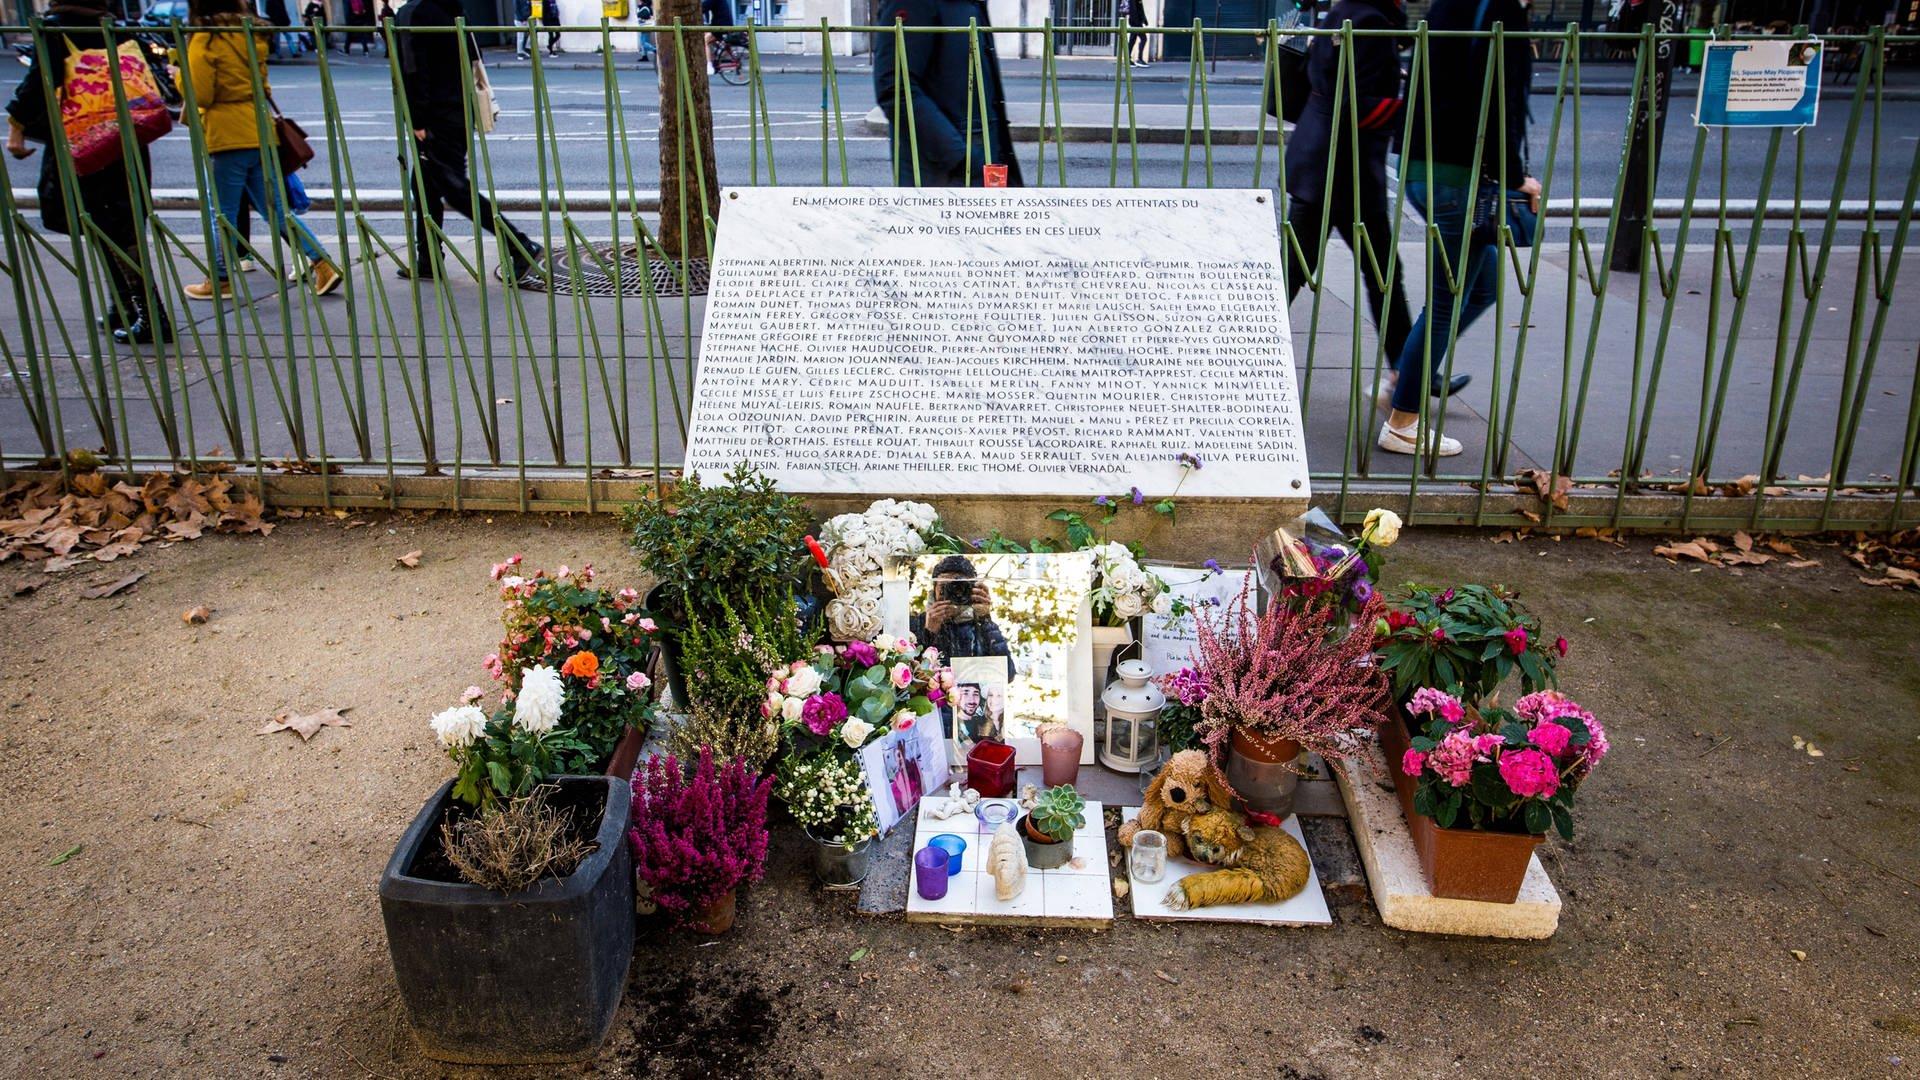 Weiterleben nach den Terroranschlägen am 13.11.2015 in Paris ...